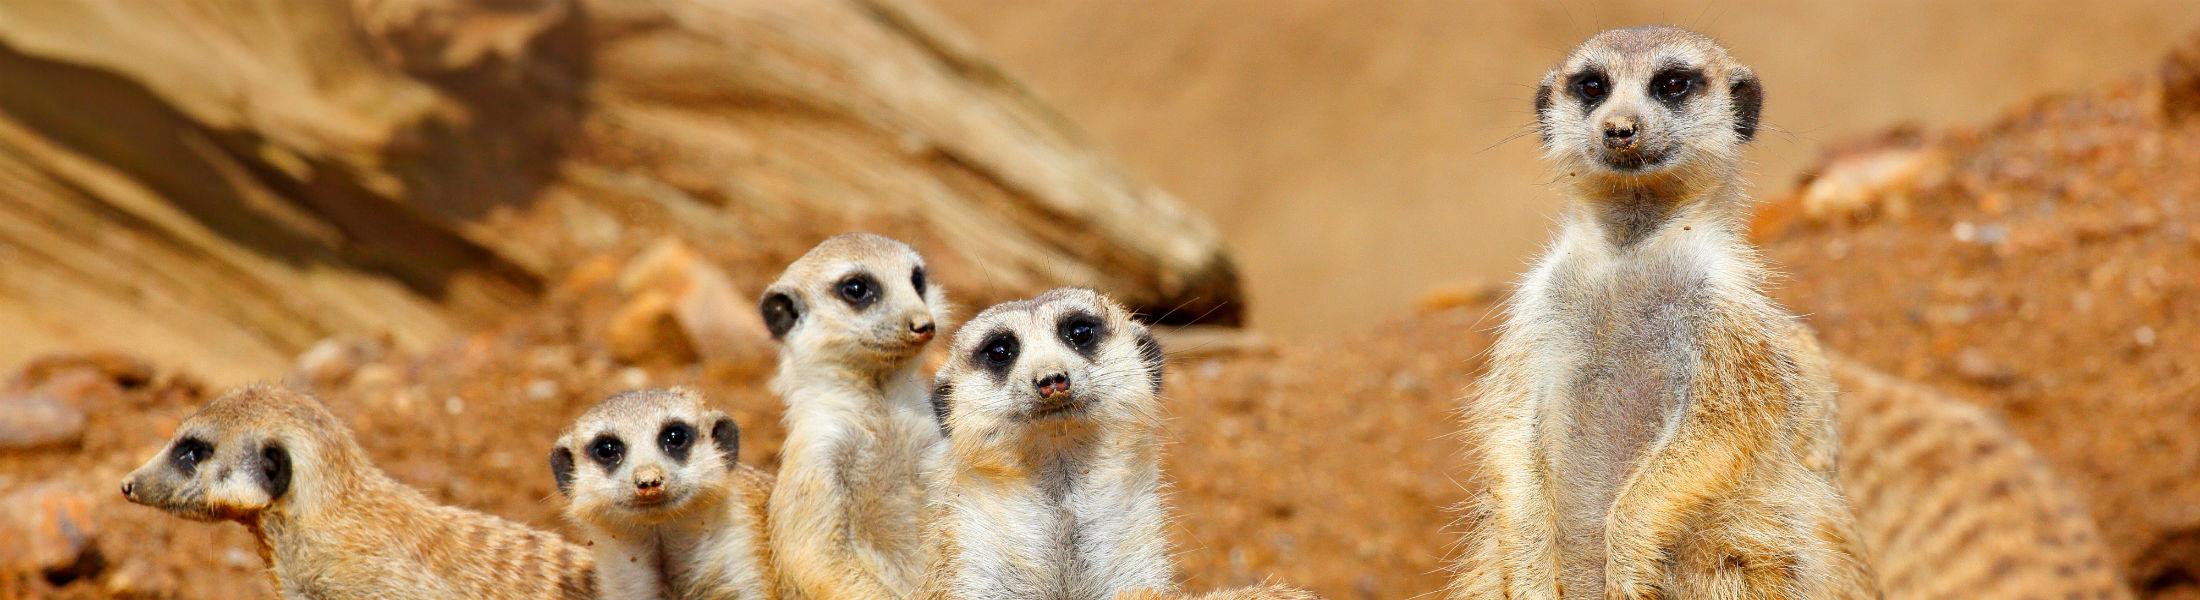 Meerkat family sitting around